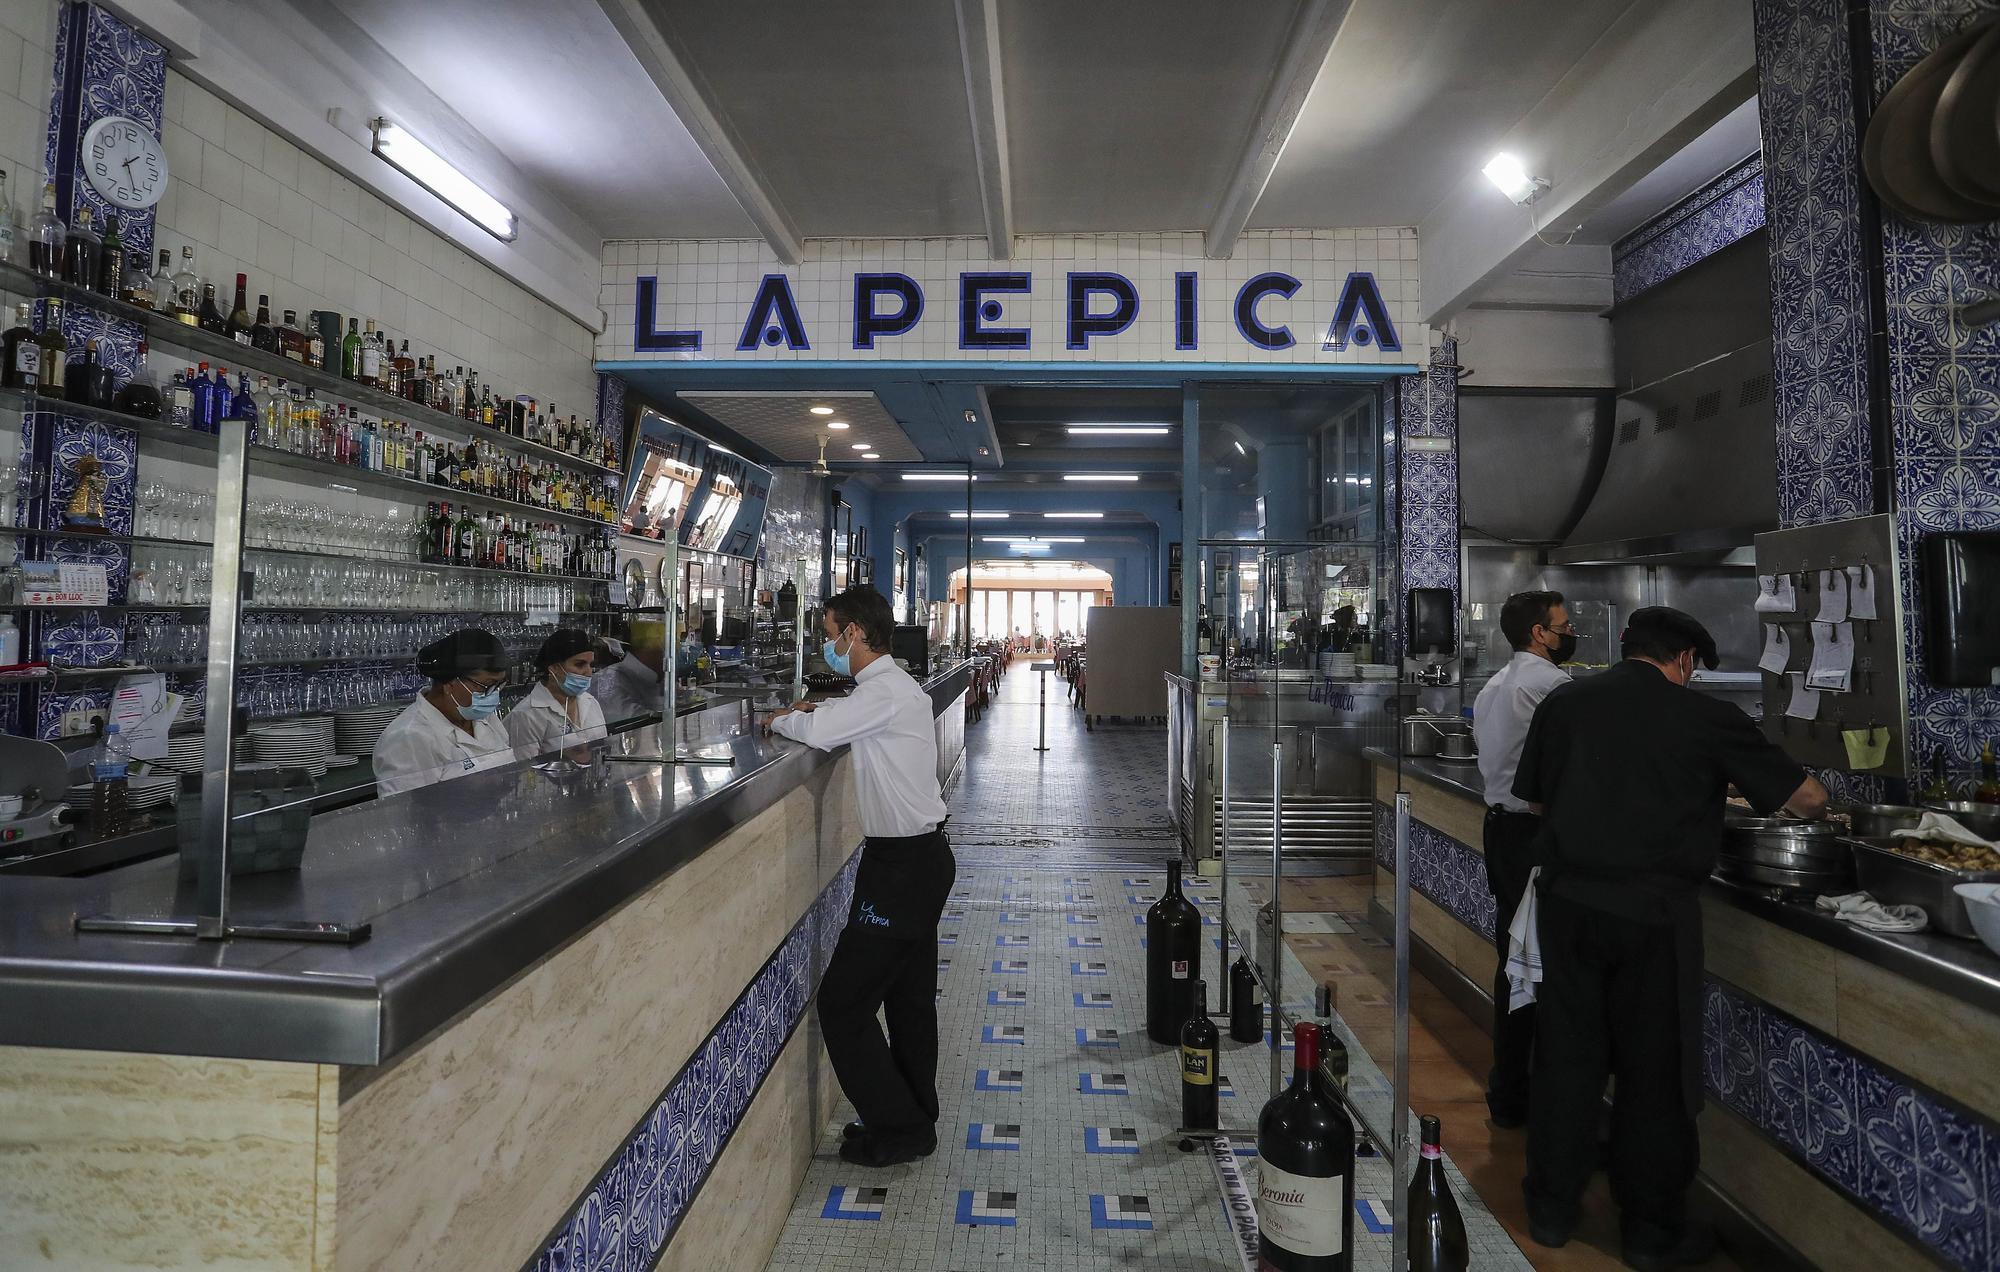 Una jornada de servicio en uno de los bastiones de la paella: La Pepica